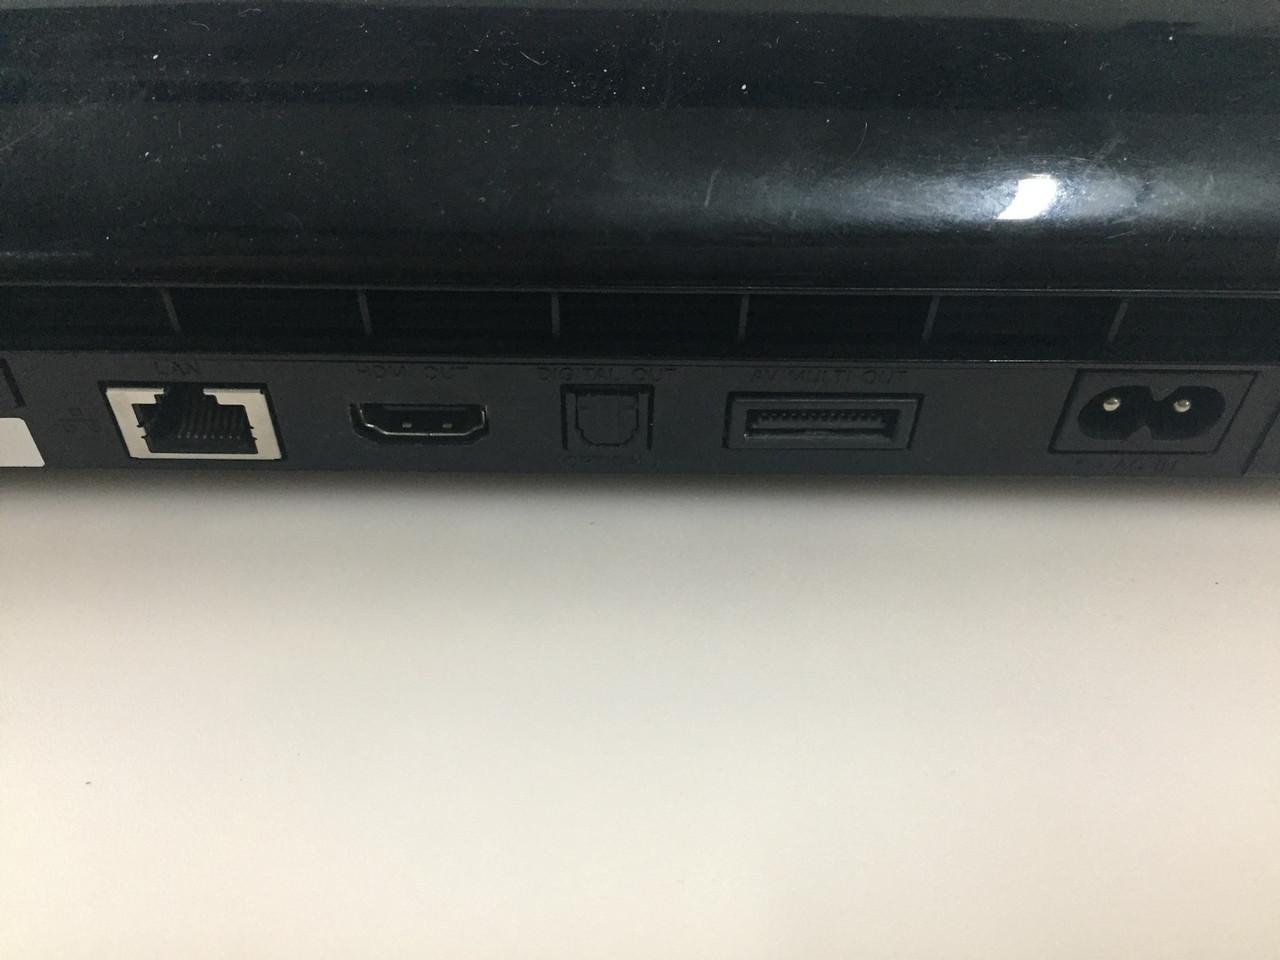 Sony Playstation 3 Superslim 320gb 2 X Dualshock Super Slim 320 Gb